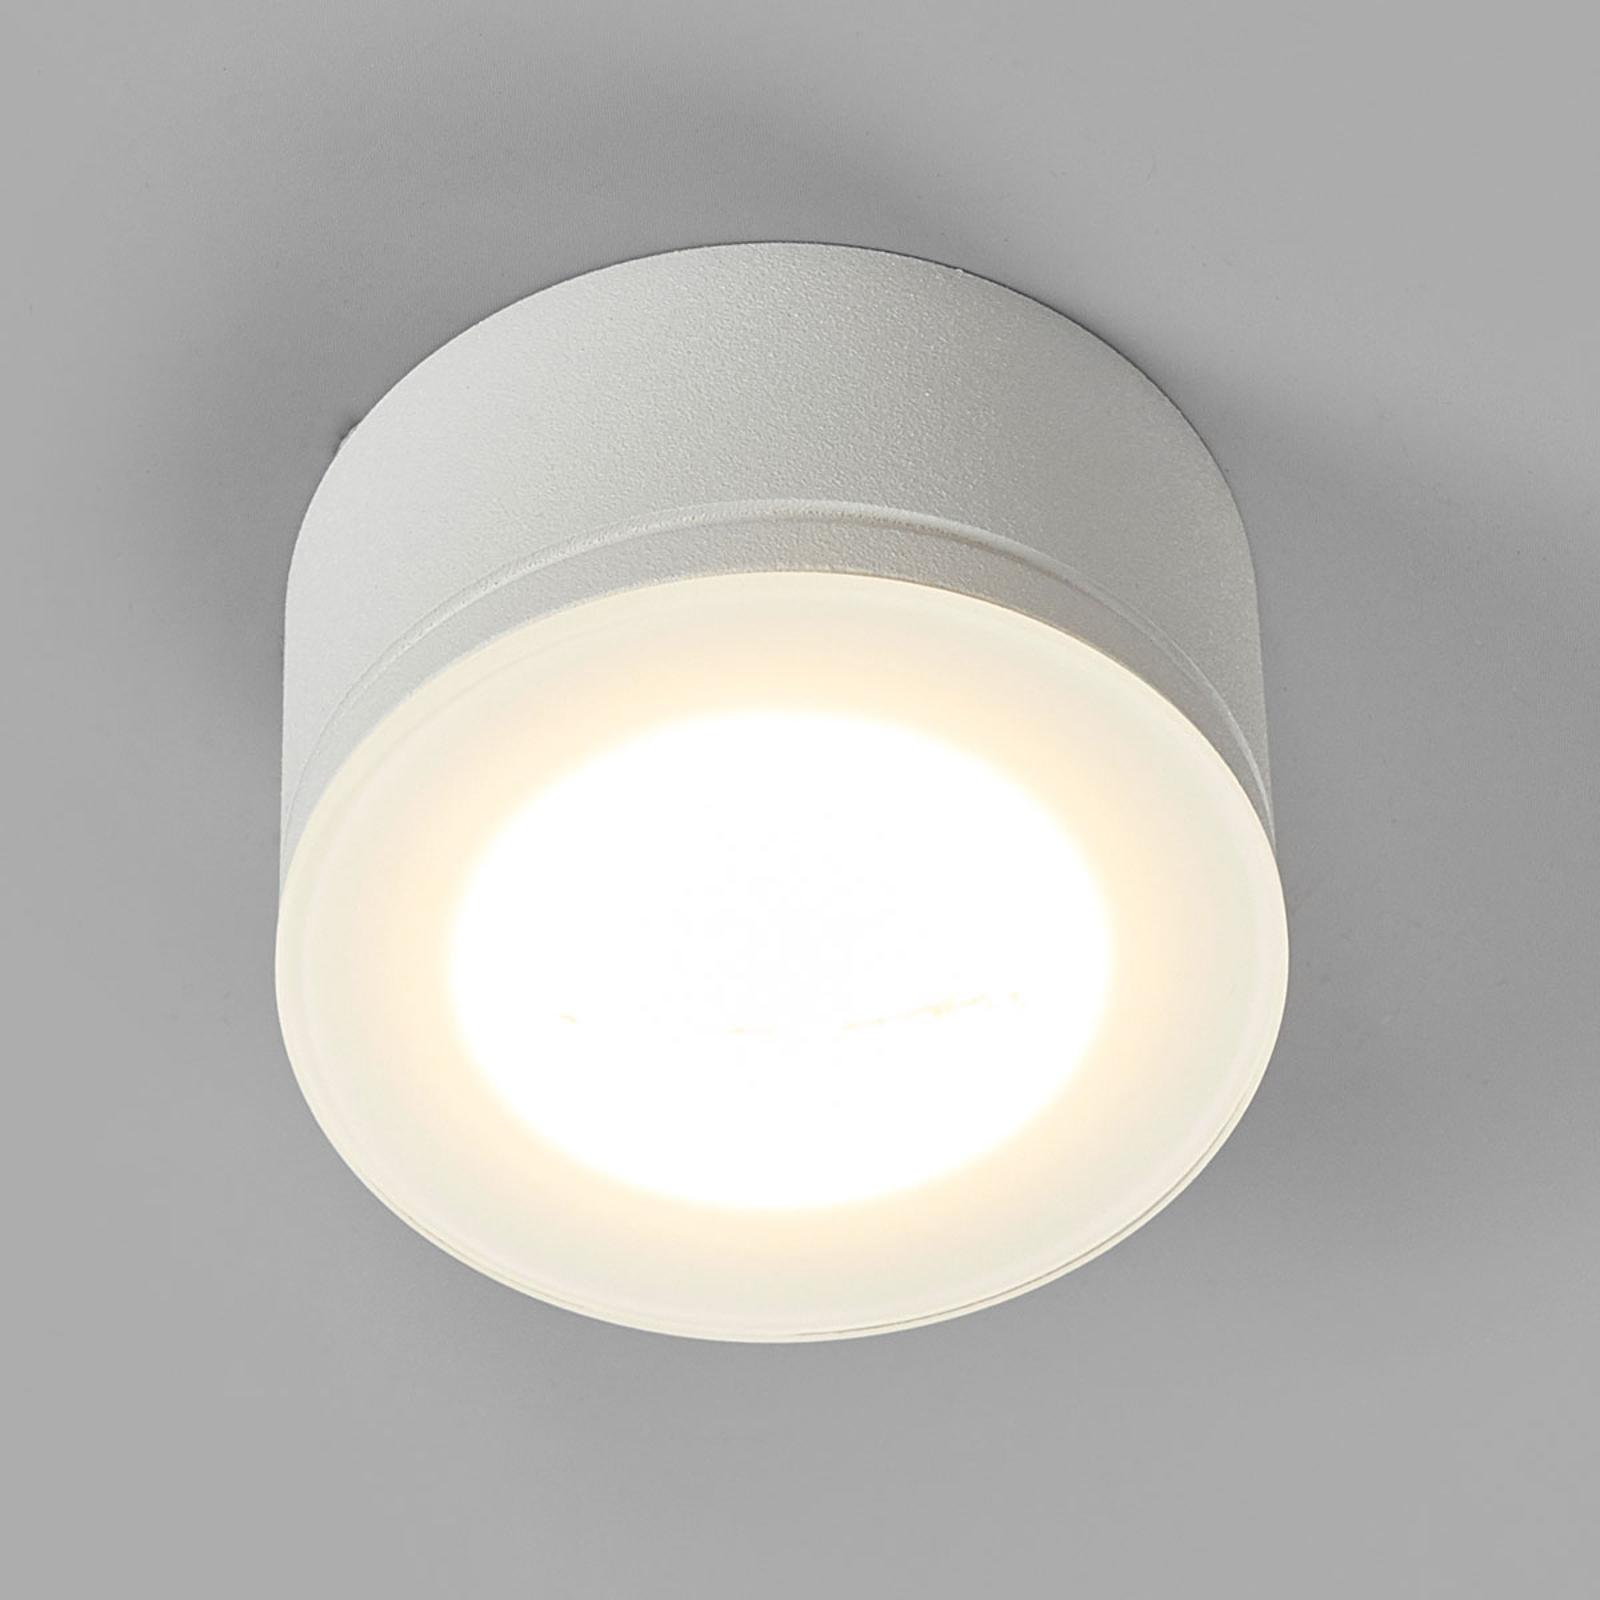 Für innen und außen - LED-Deckenspot Newton 35